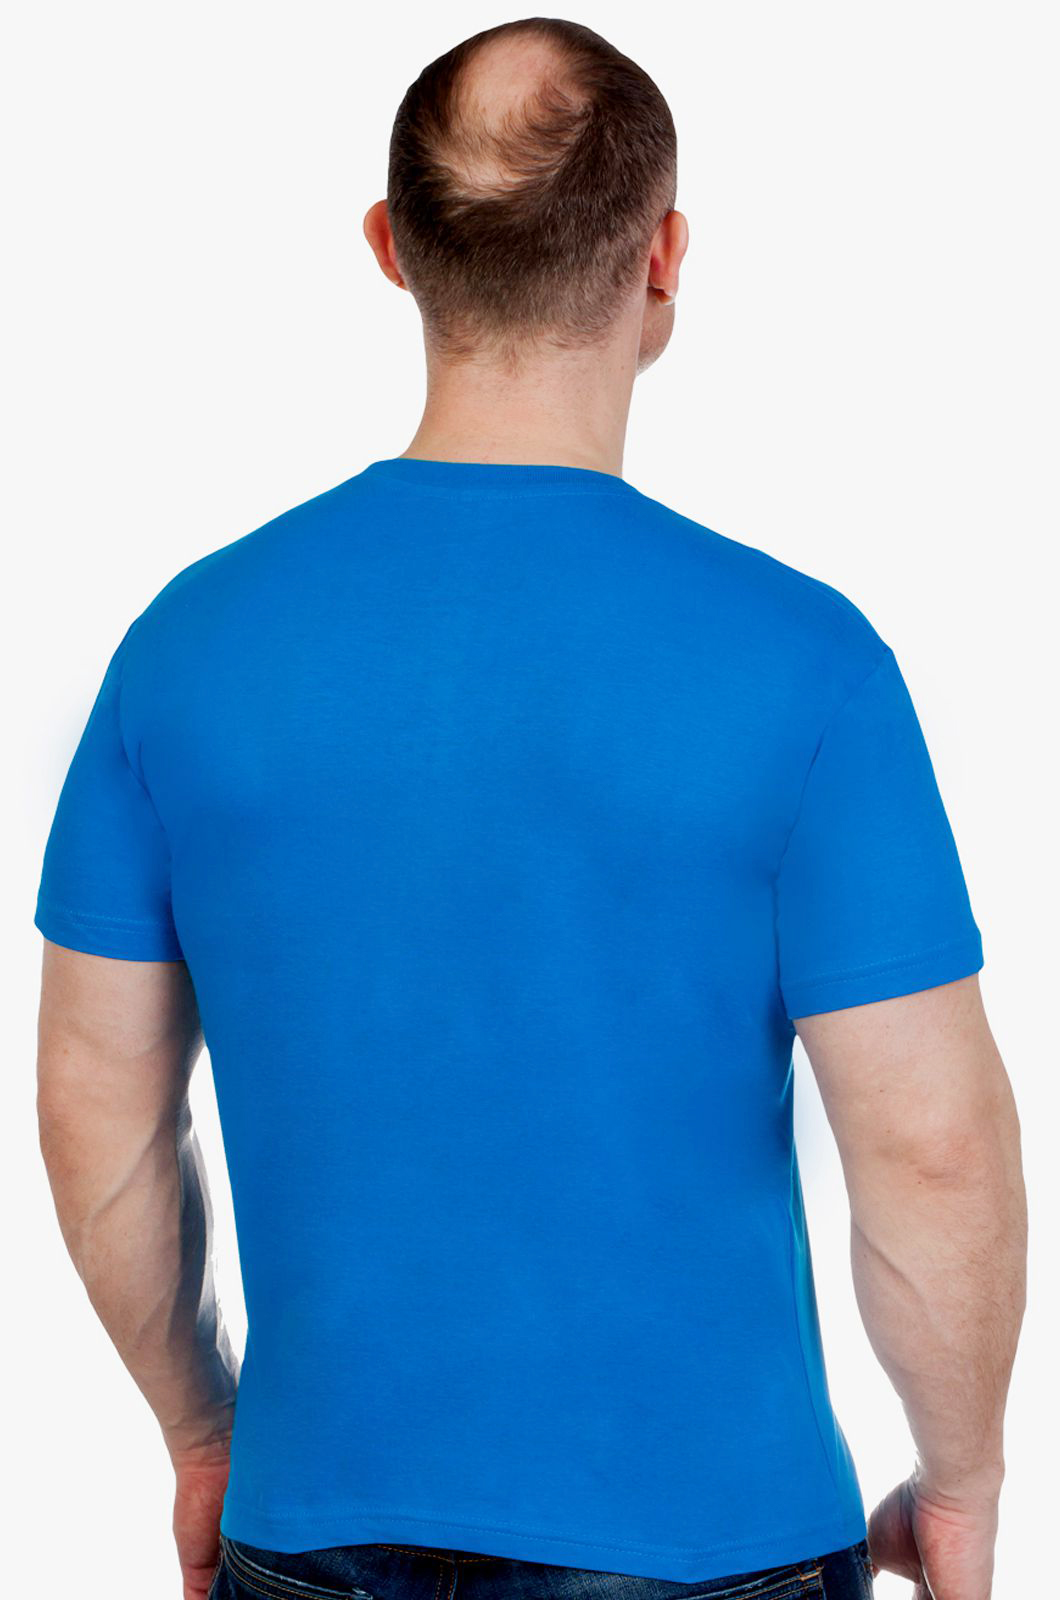 Практичная мужская футболка ВМФ - купить онлайн